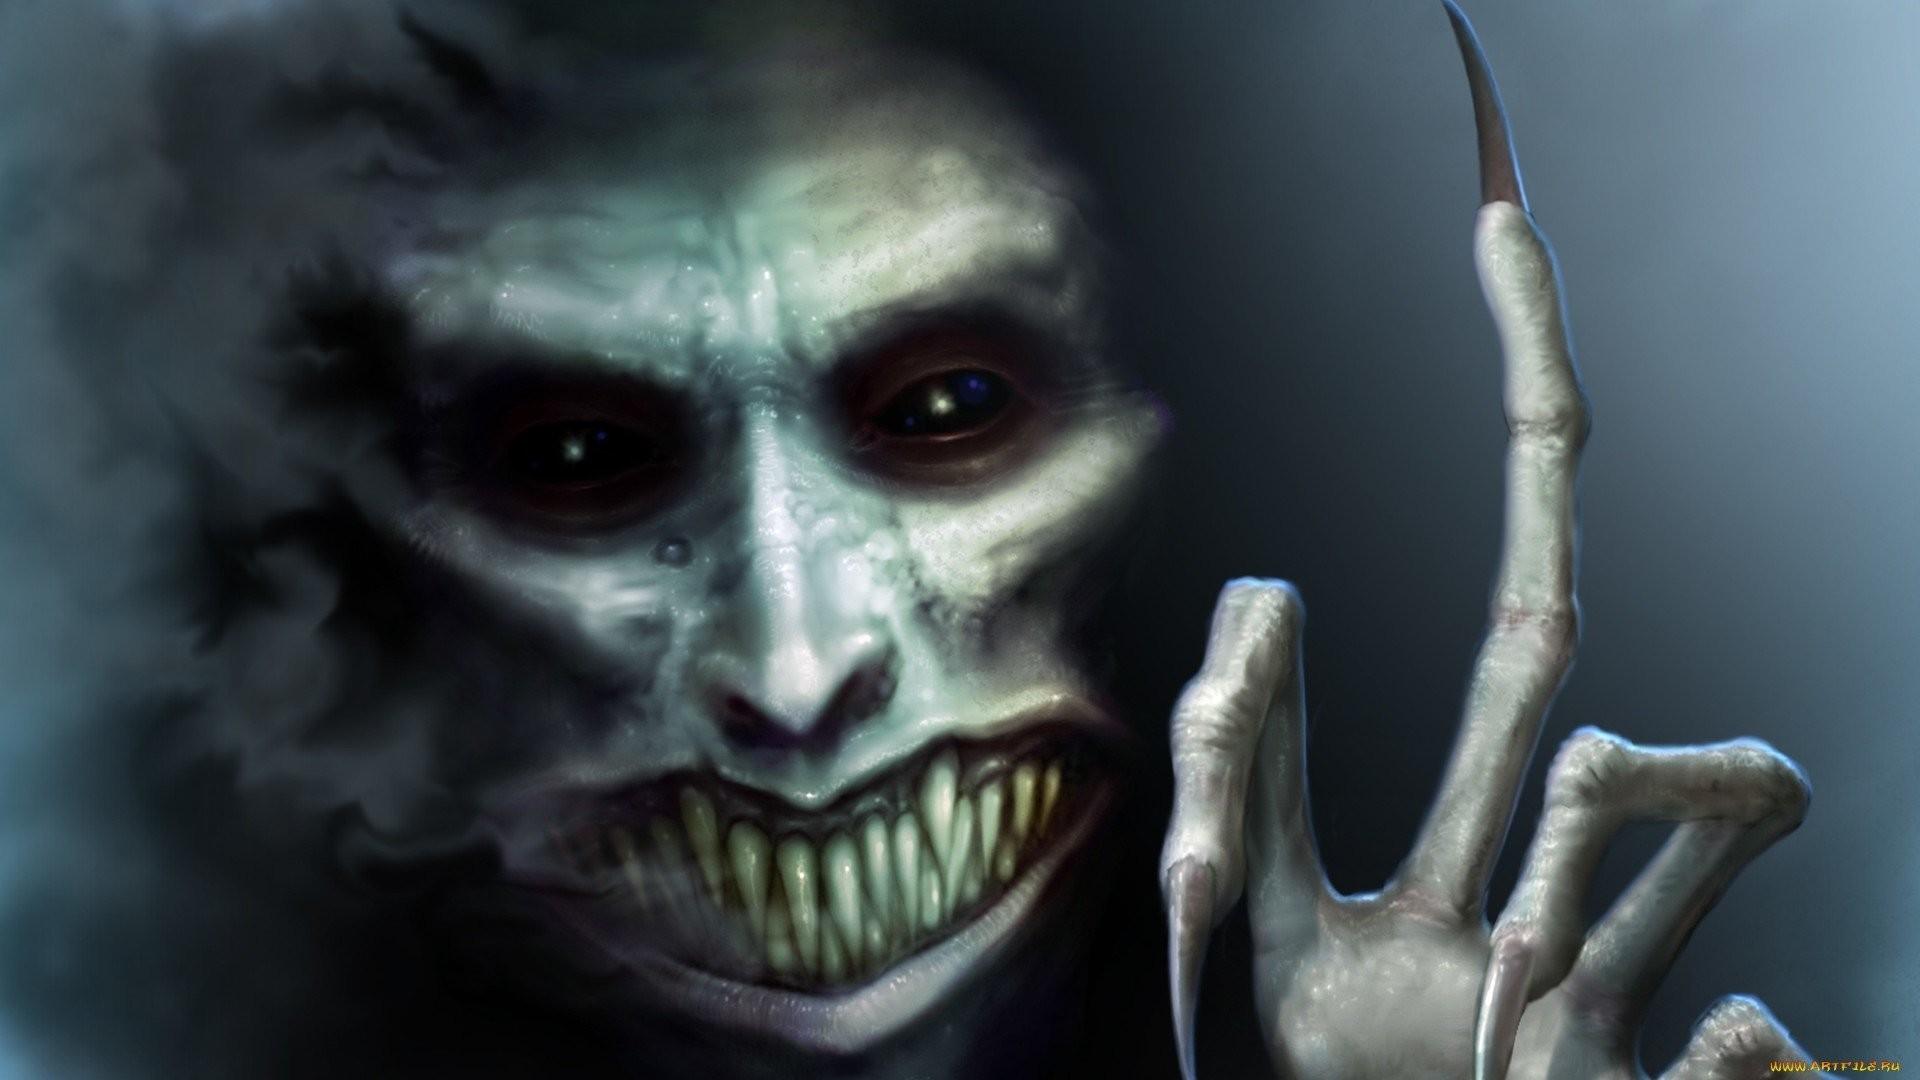 Creepy Hd Wallpaper: Creepy HD Wallpaper (56+ Images